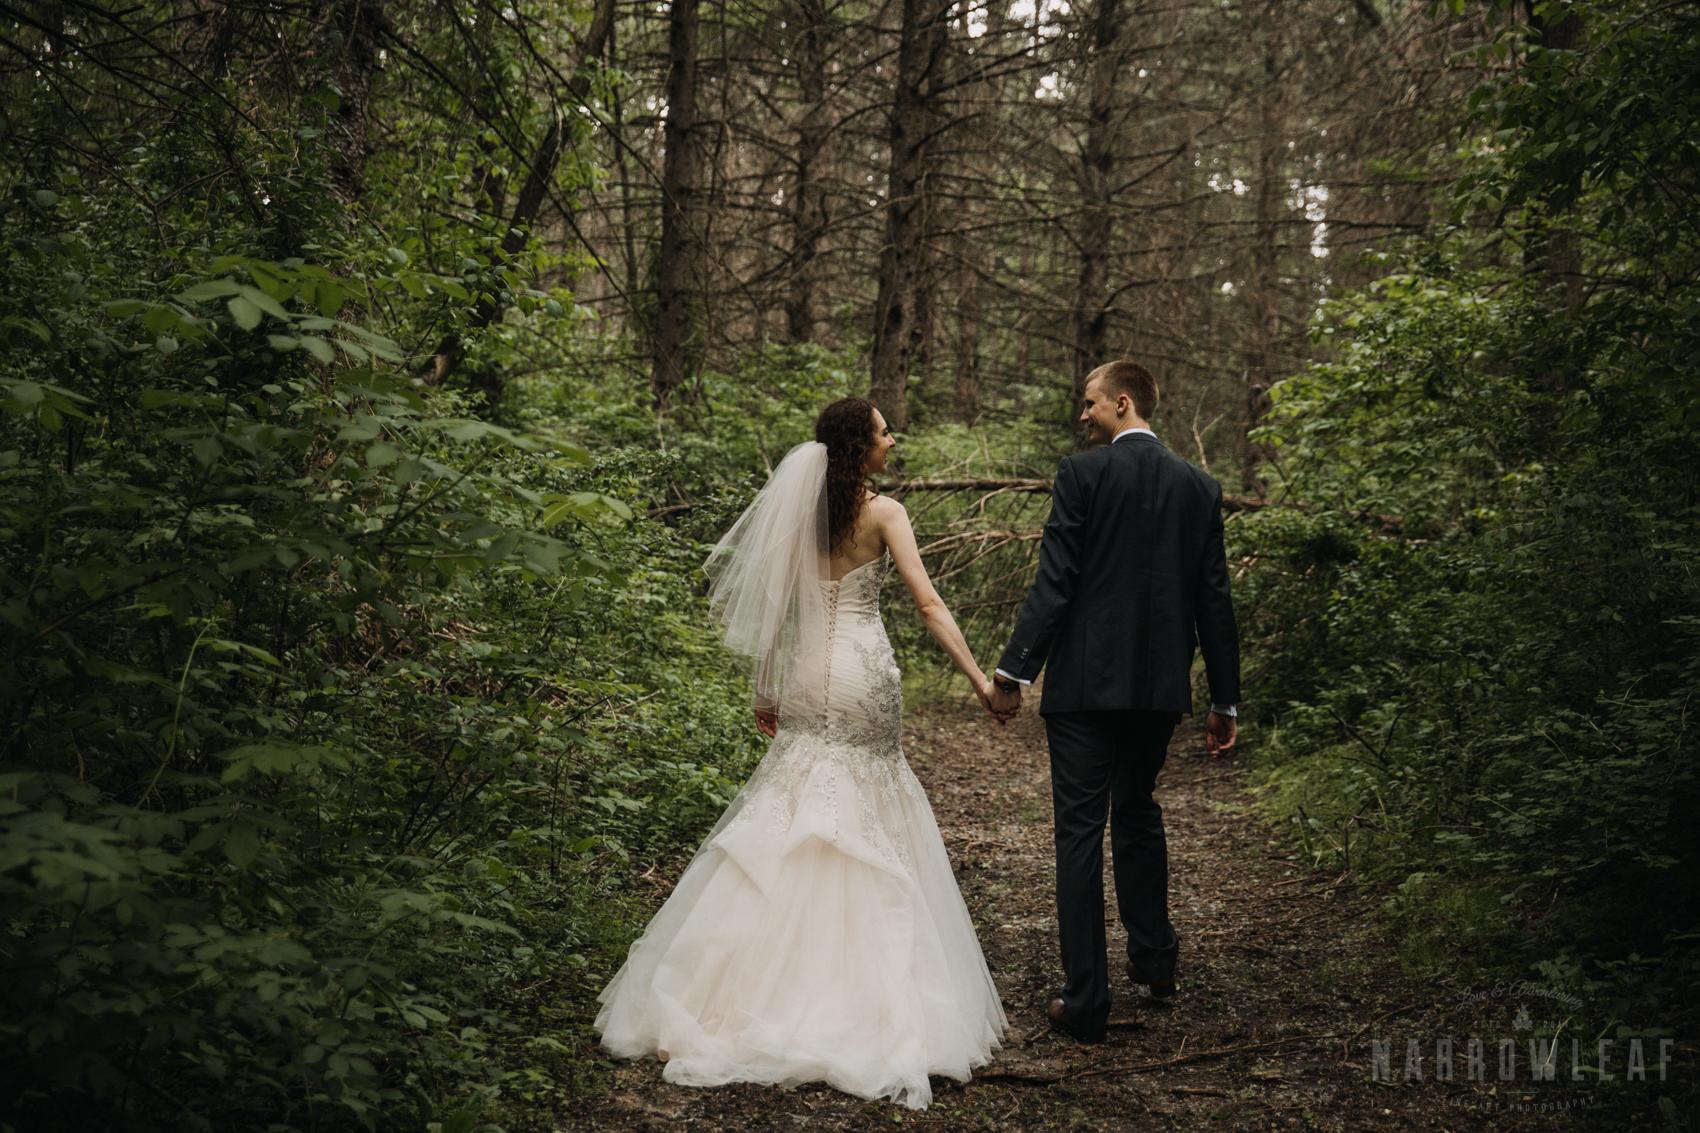 bride-groom-wooded-adventure-portraits-mermaid-dress-302.jpg